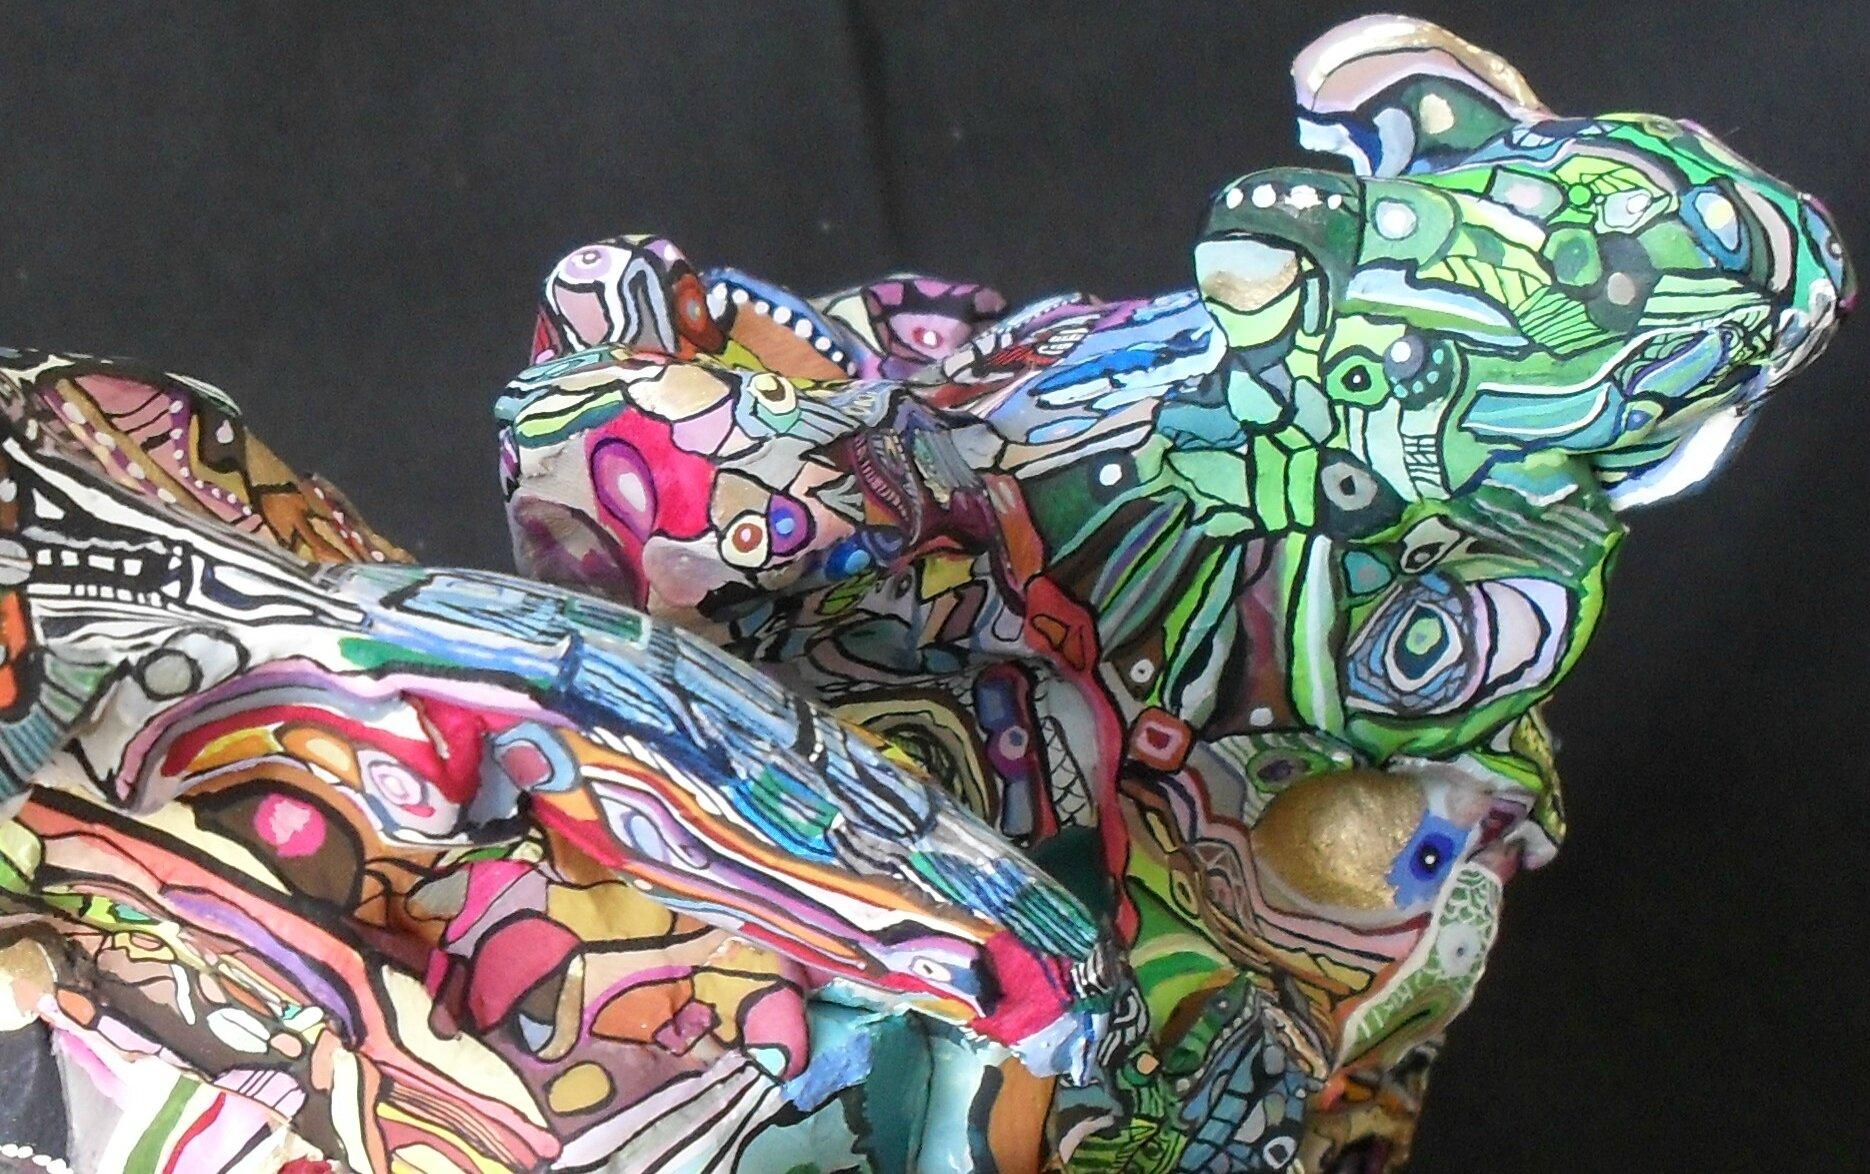 Hervé THAREL - SCHMIMBLOCK'S chevo 2011 - 30 cmx 23 cm x 18,5 cm gouache T7 sur argile (détail3)